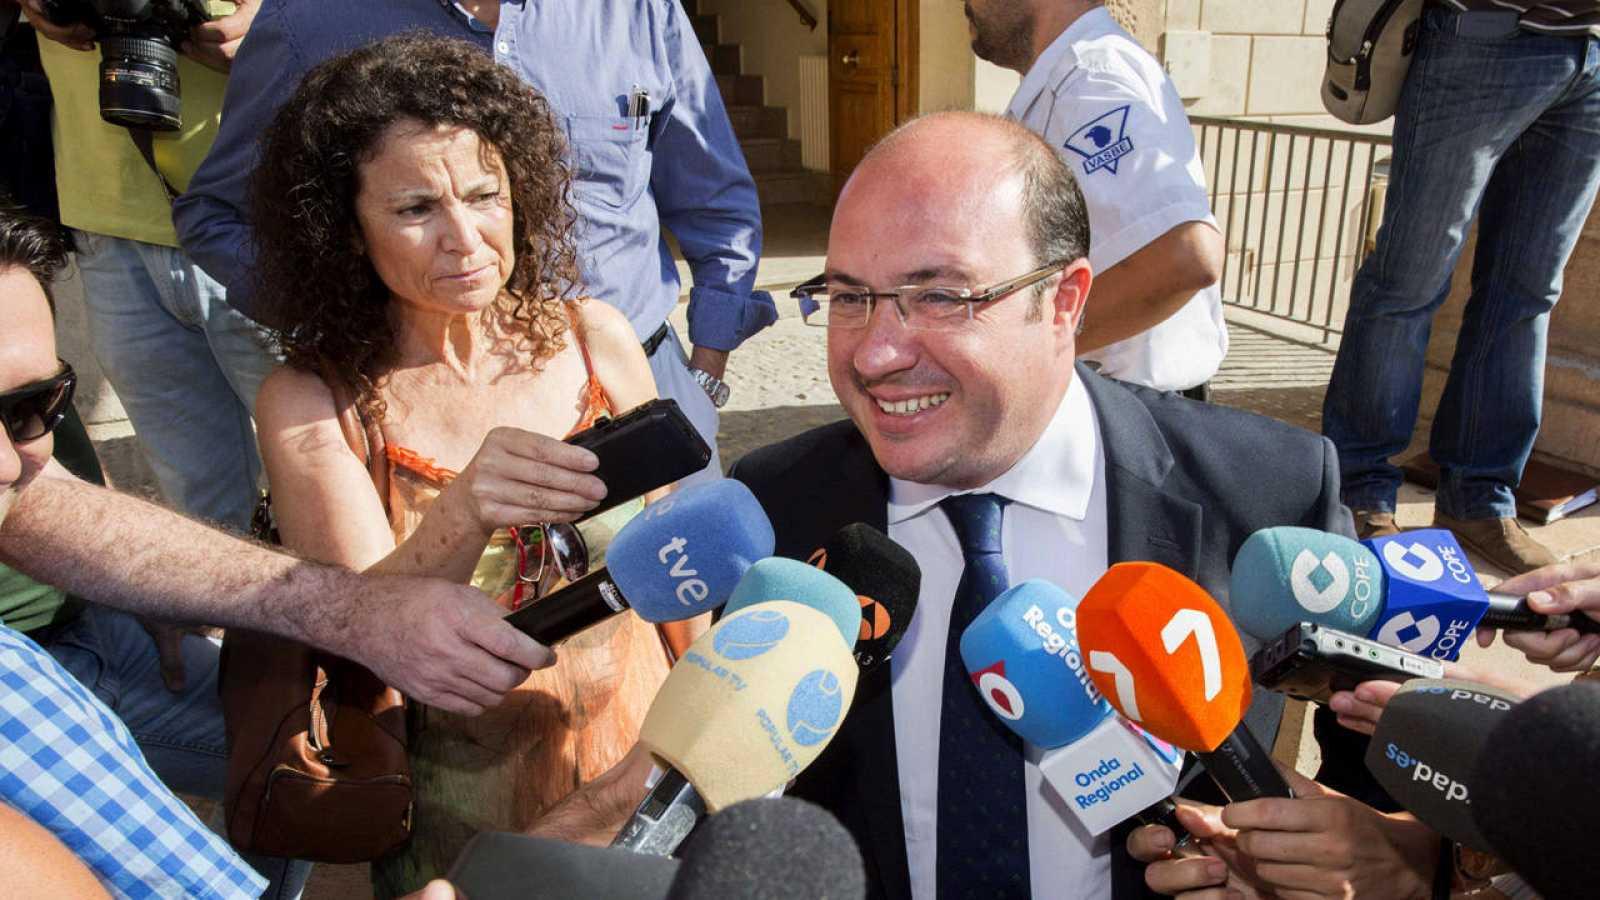 El presidente de Murcia, Pedro Antonio Sánchez, tras comparecer ante la juez por el 'caso Auditorio'